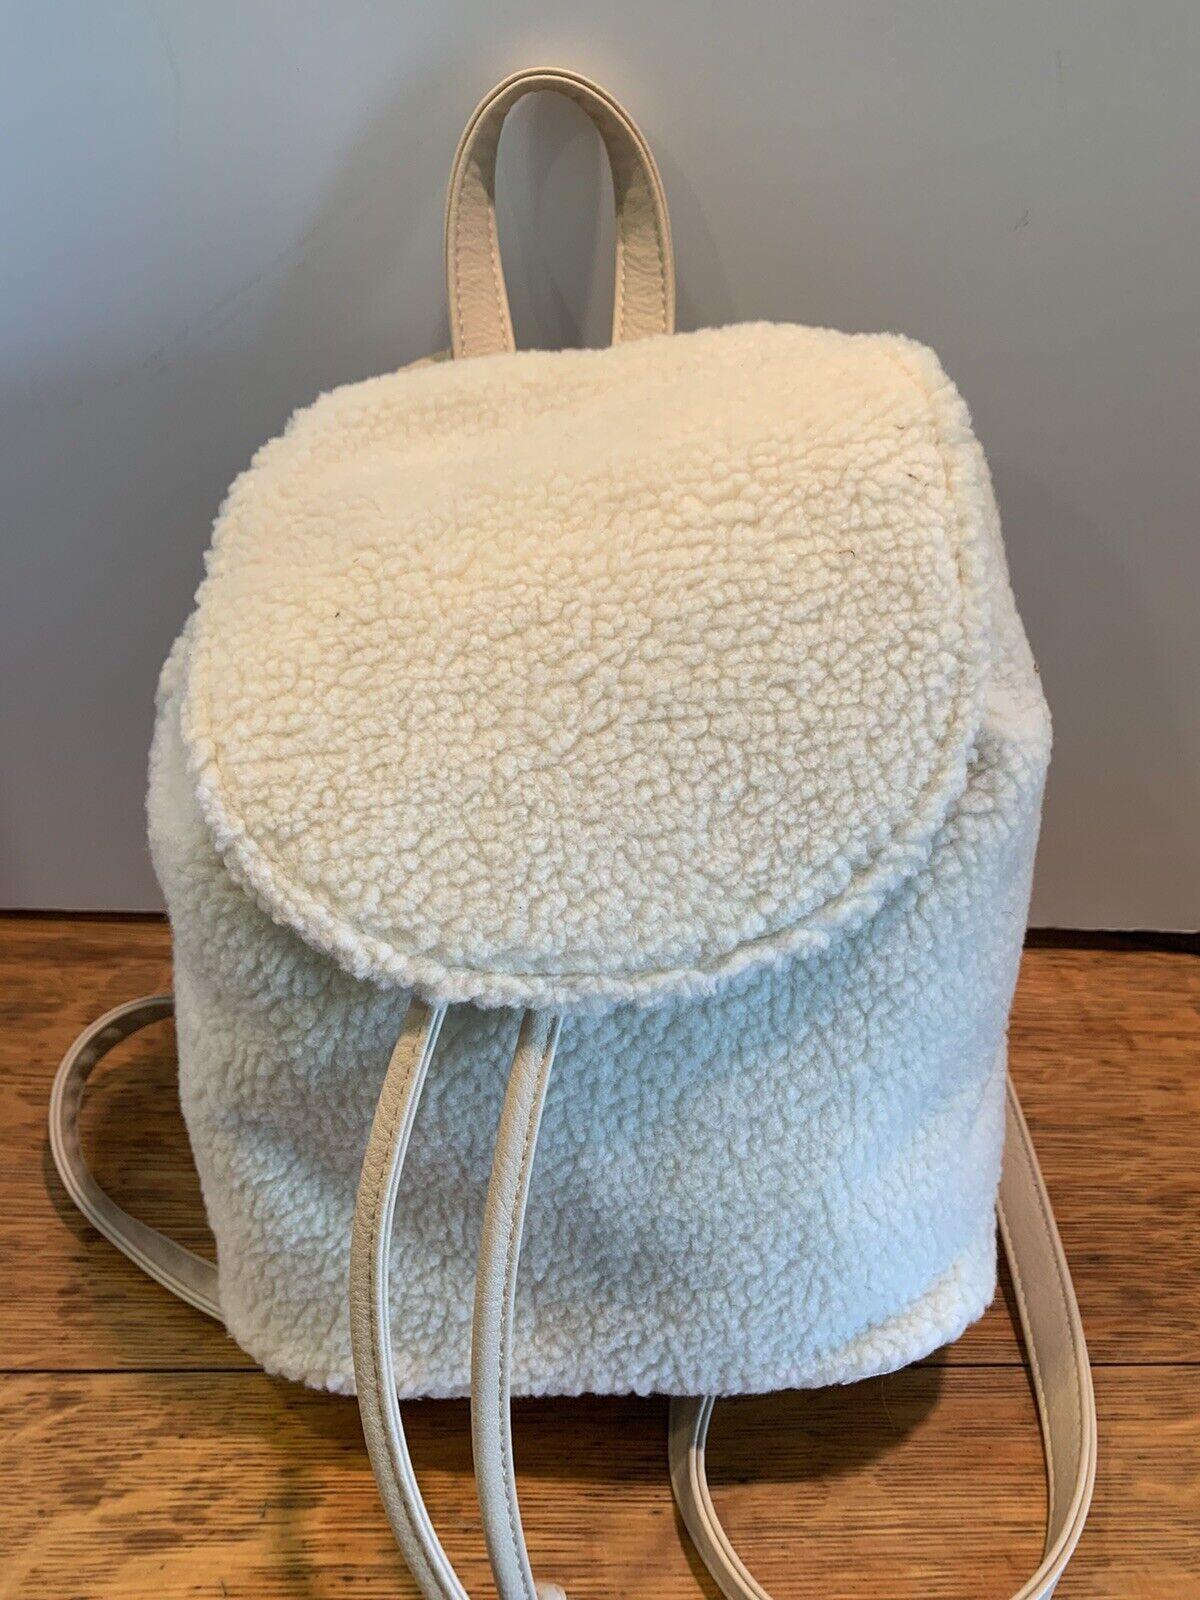 No Boundaries Shearling Mini Drawstring Backpack Purses Blush Color NEW